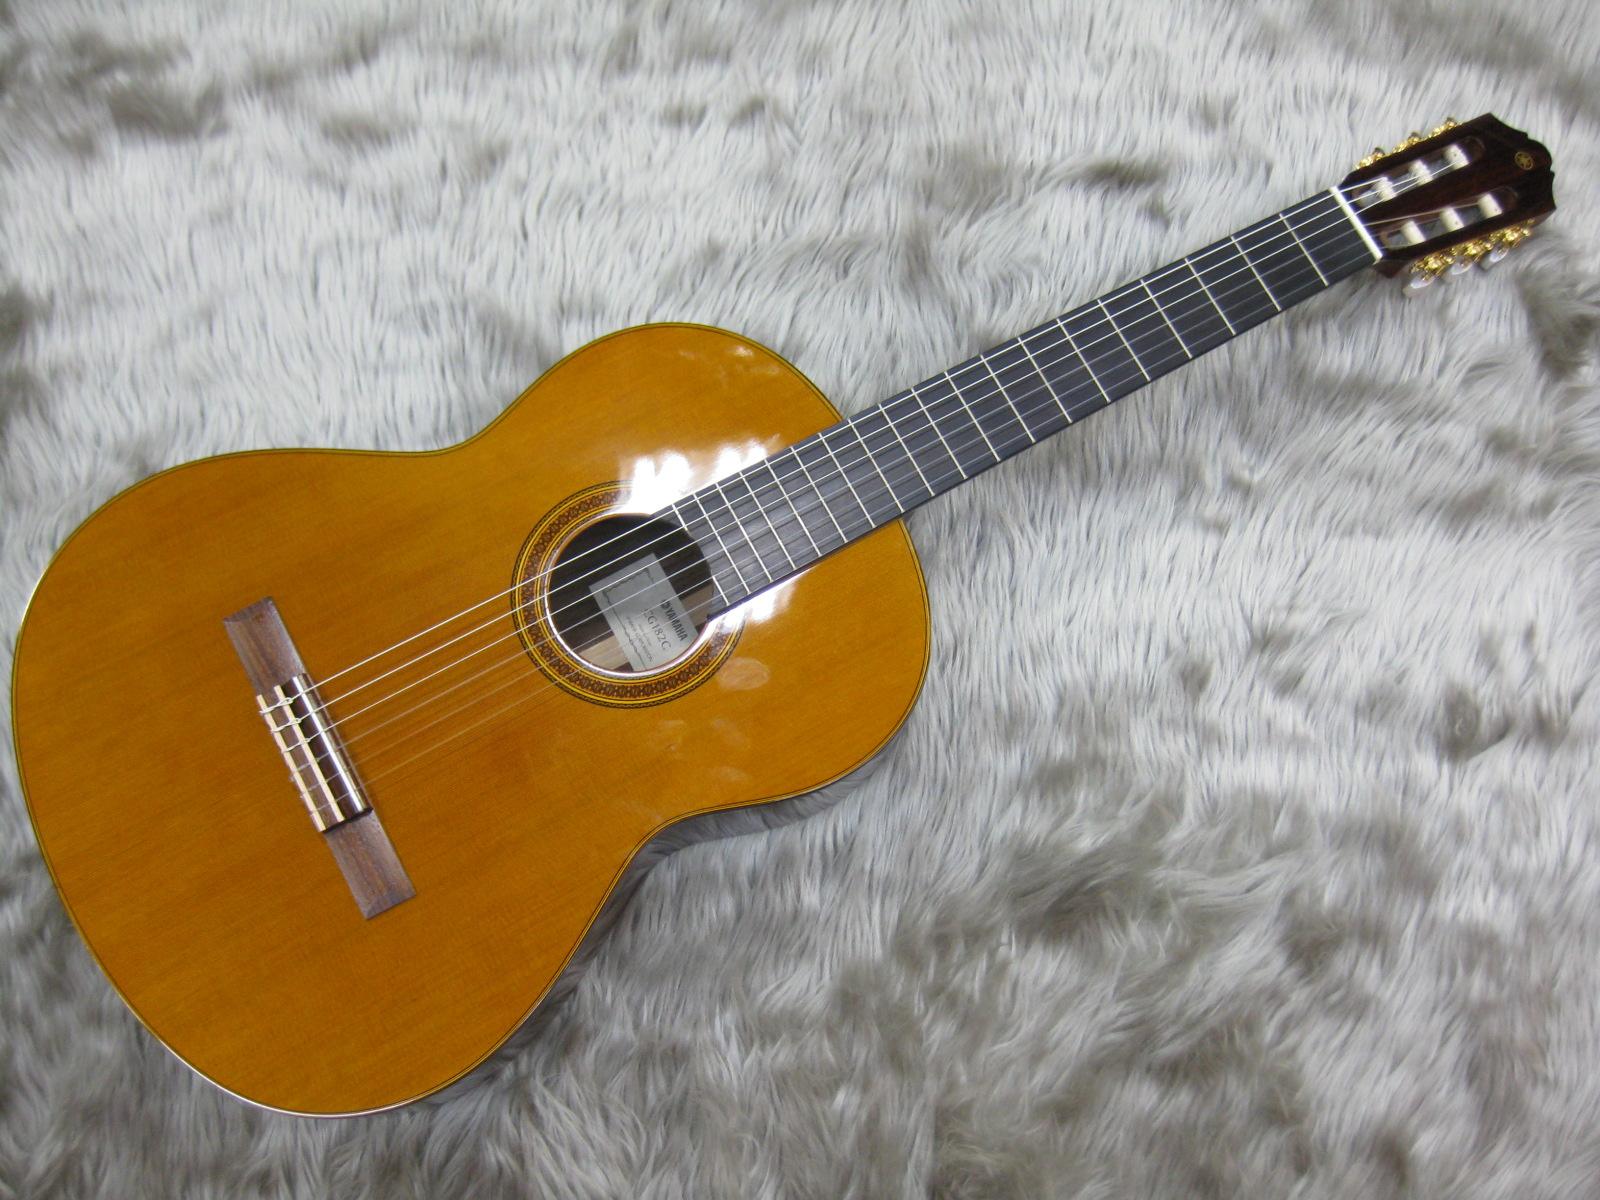 CG182C